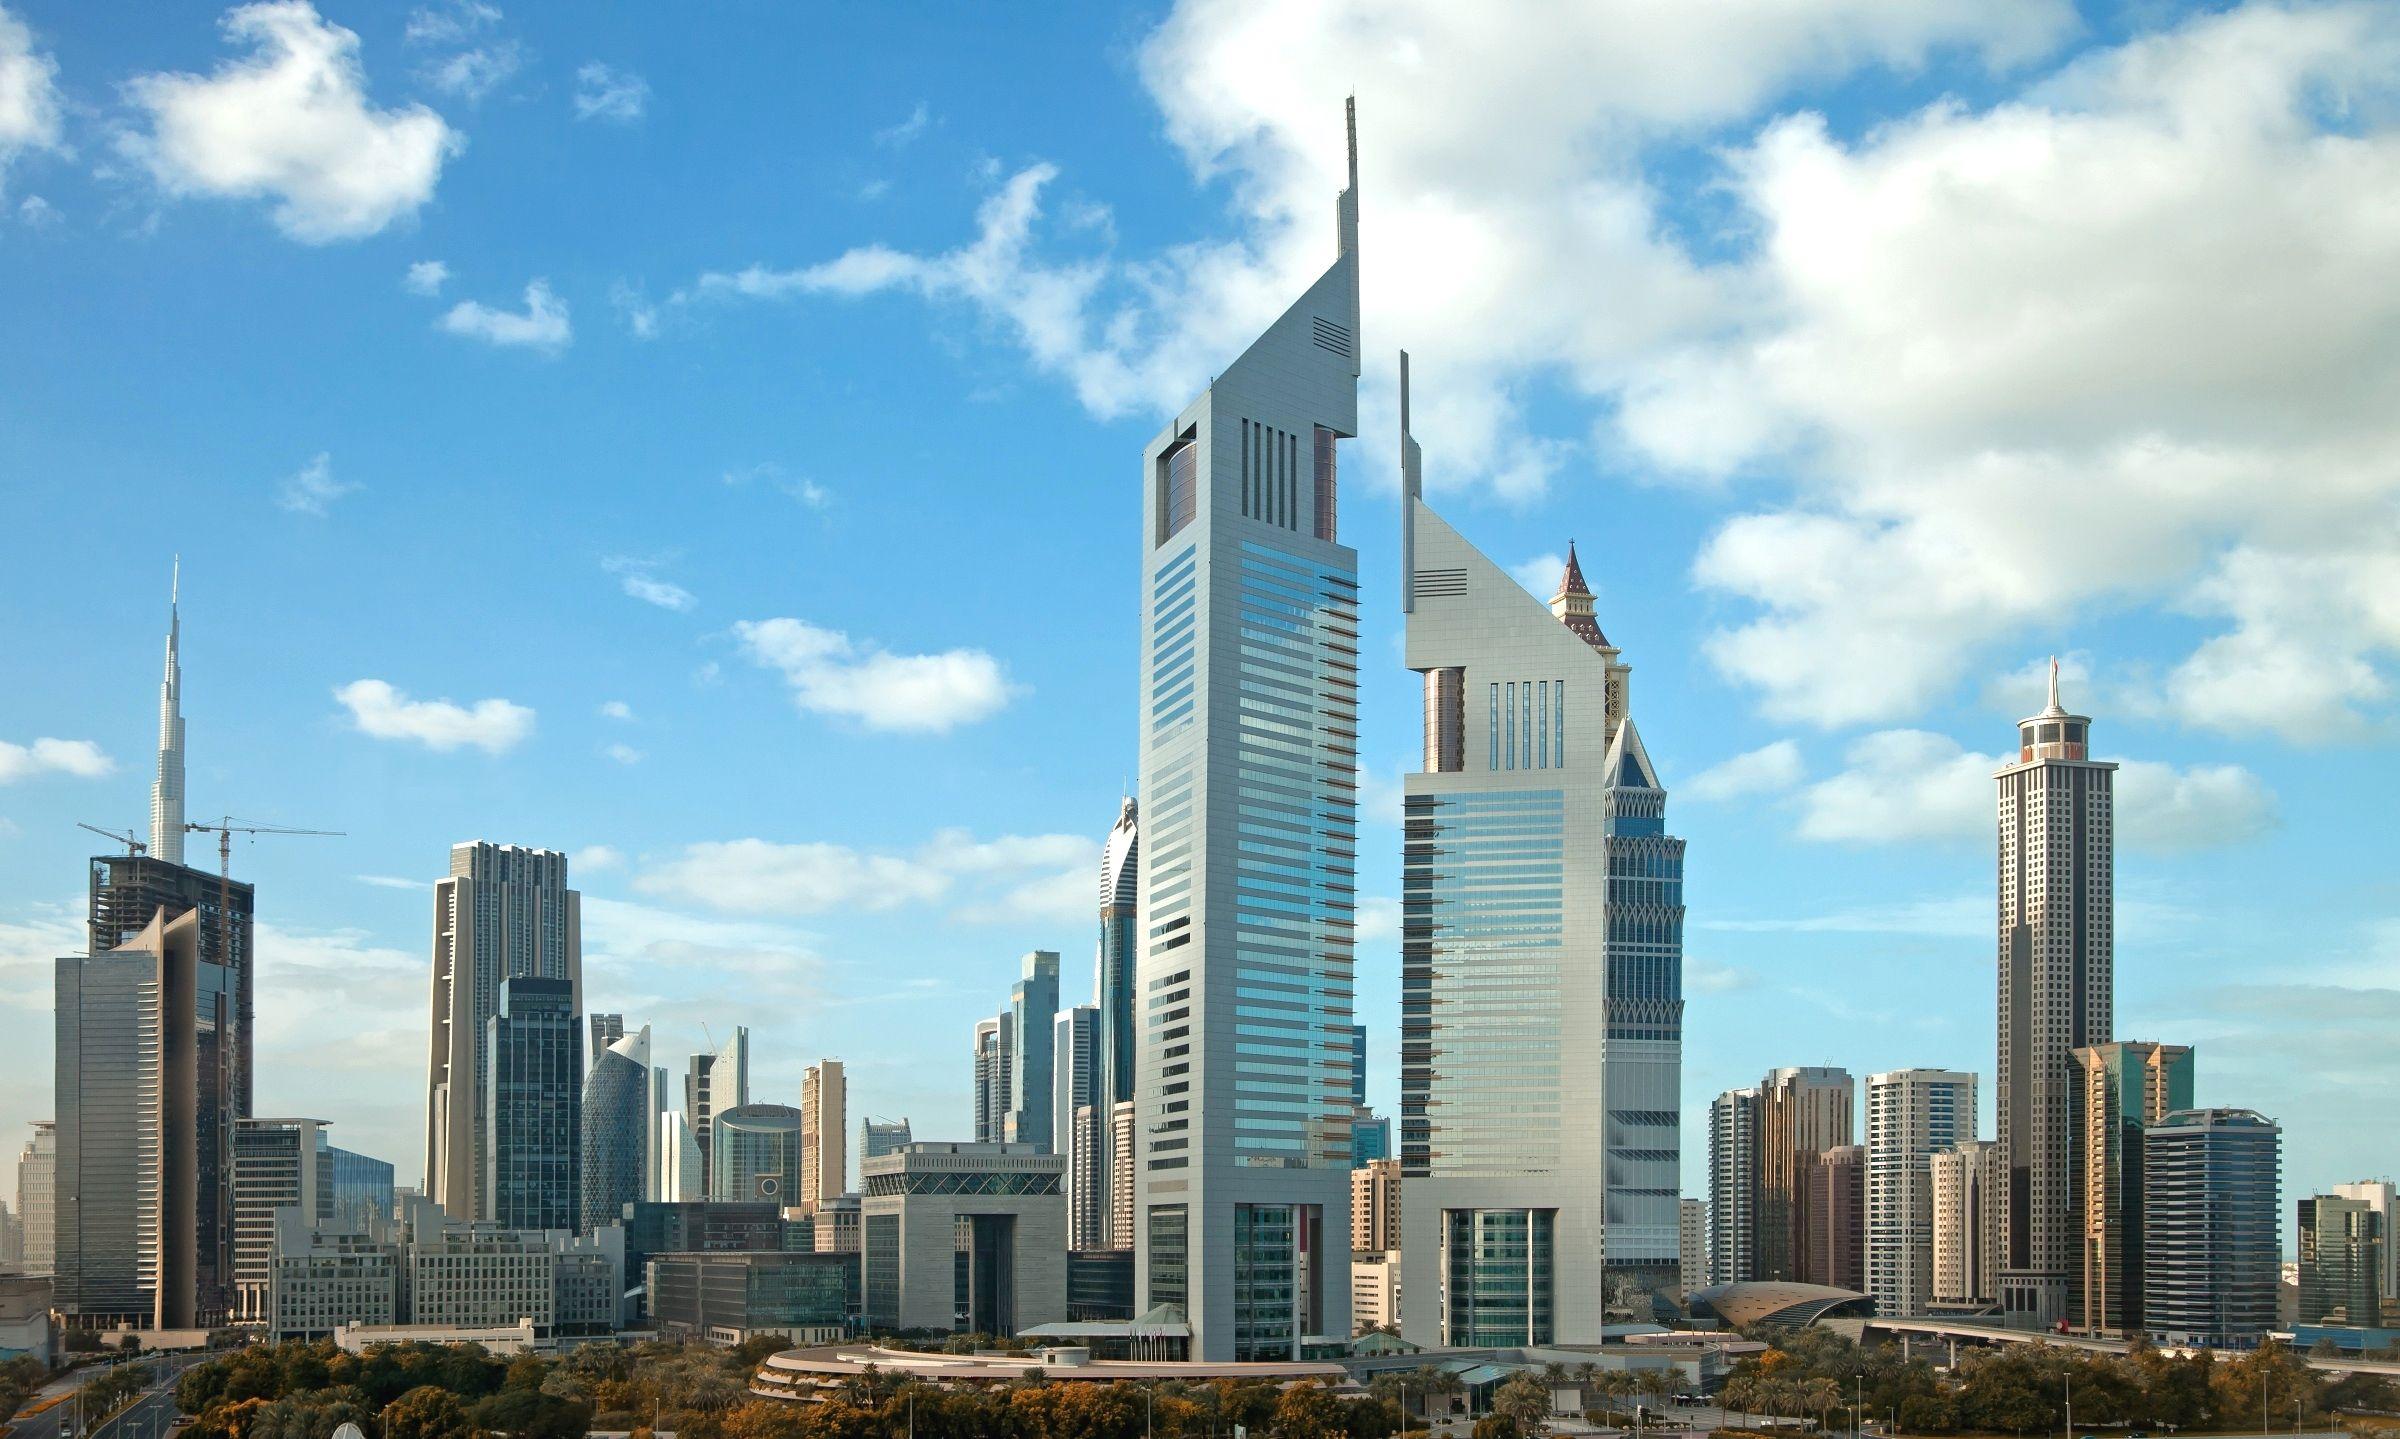 20190402_111931_483 tourism unitedarab emirates United